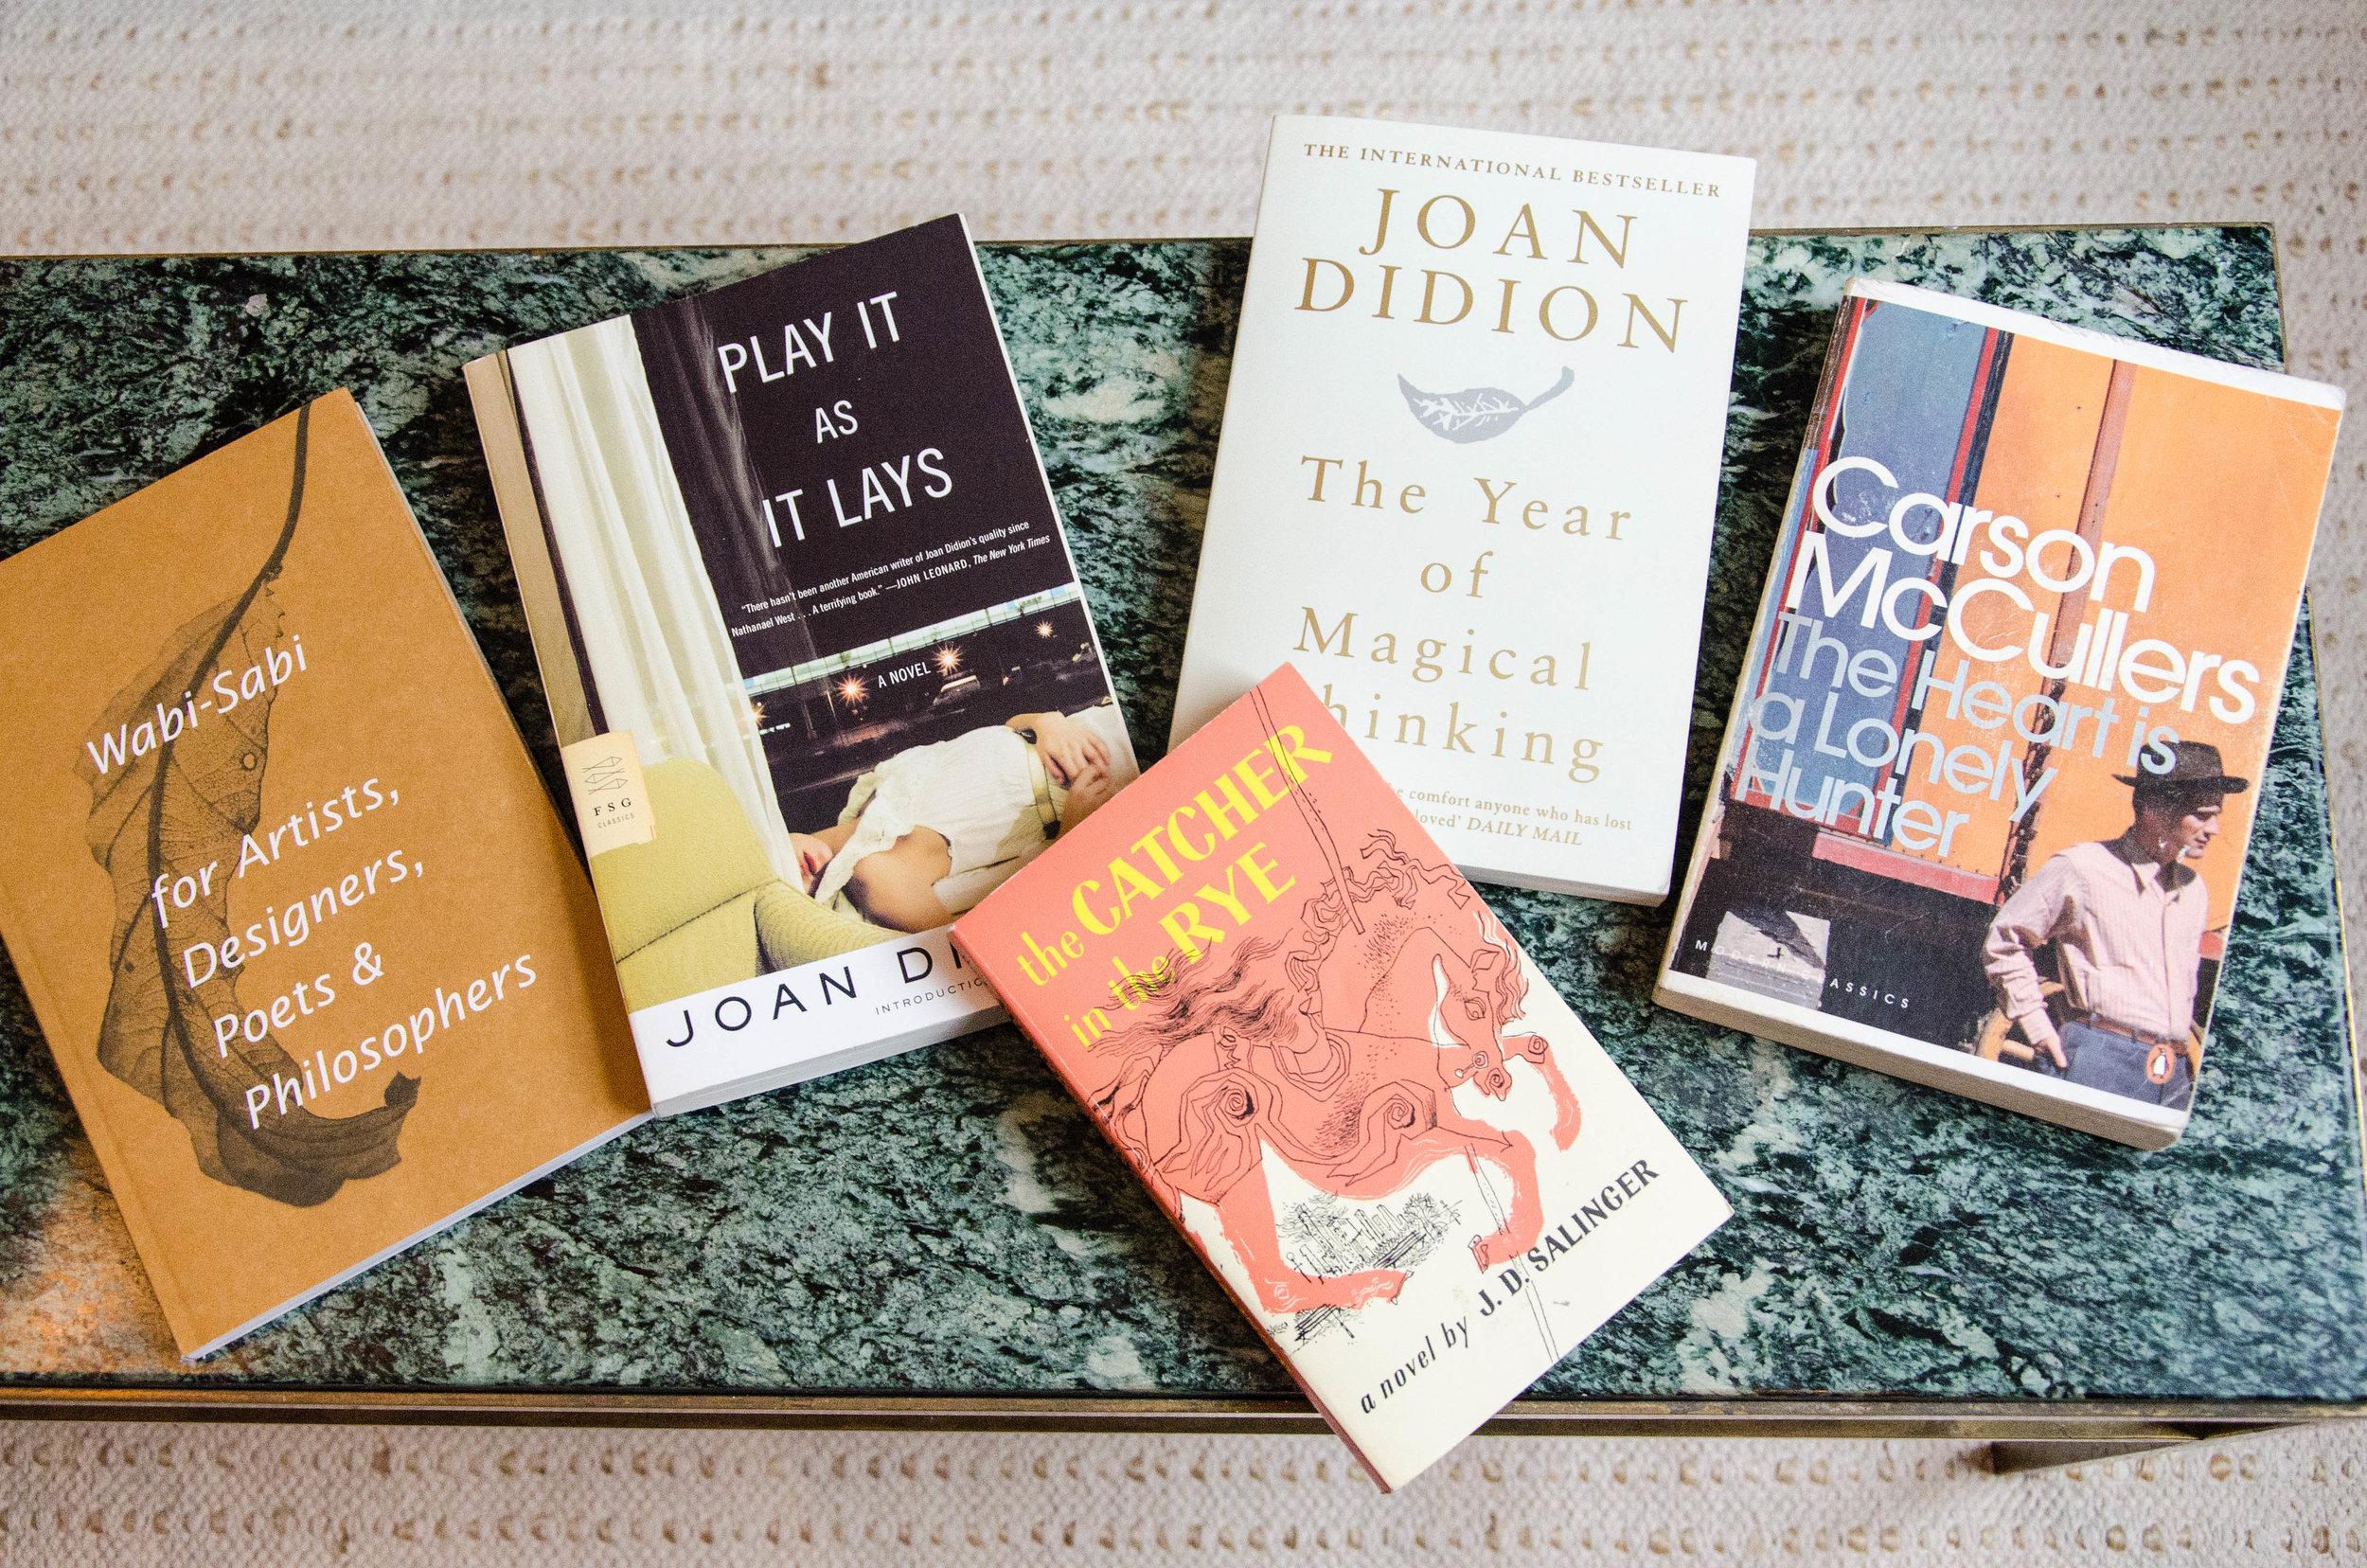 Shawana's favorite books